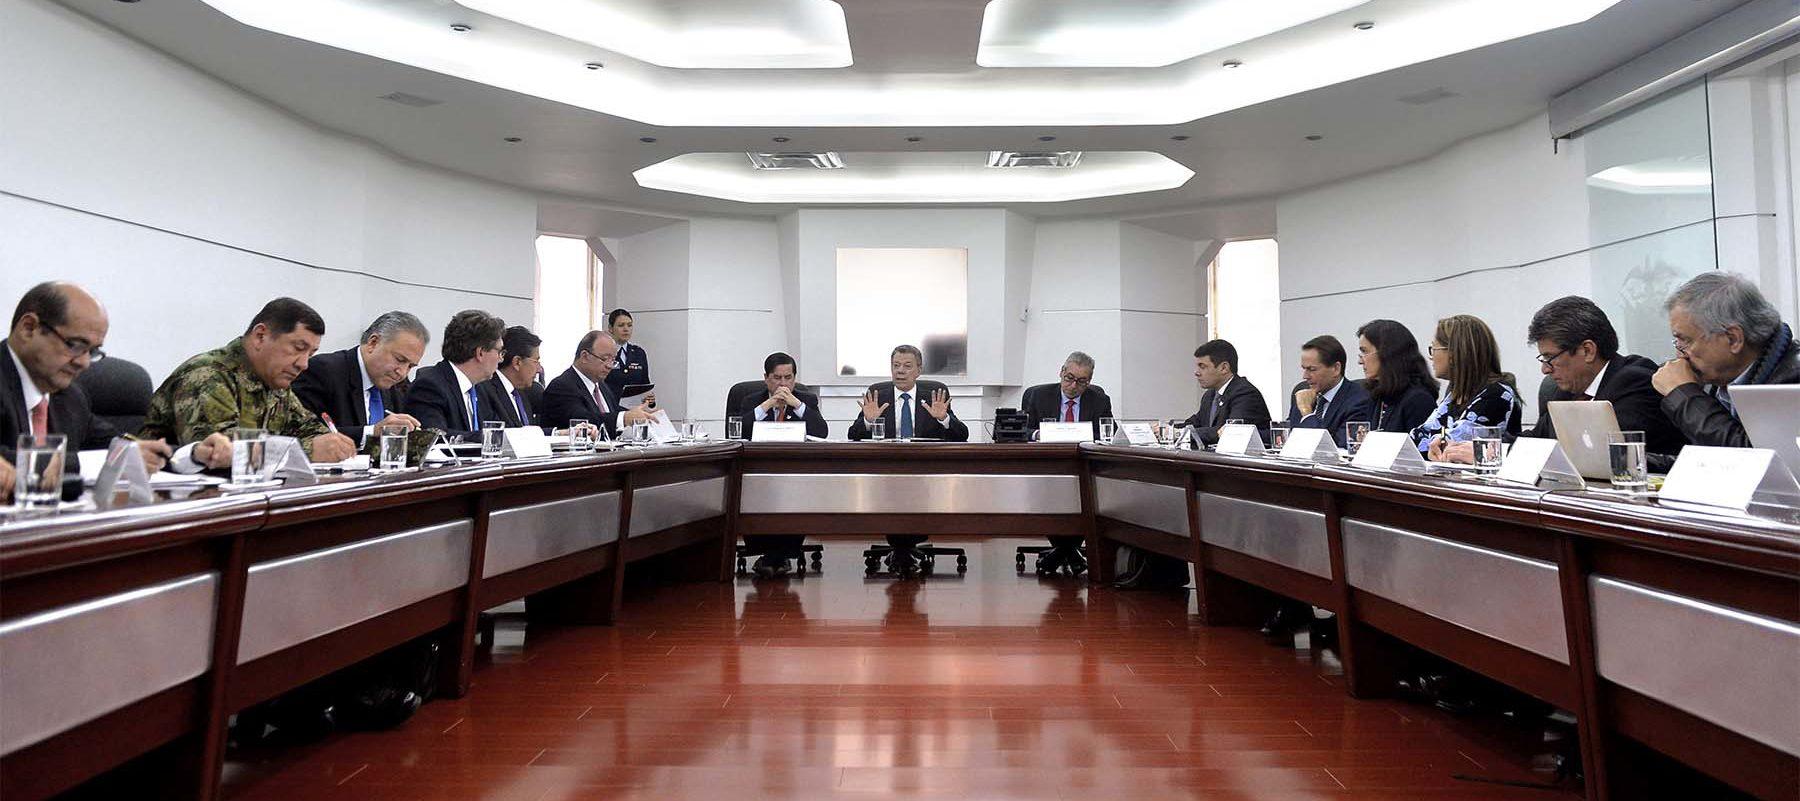 El Presidente Juan Manuel Santos lideró una reunión de la Comisión Nacional de Garantías de Seguridad, en la que se hizo un seguimiento a las medidas de protección a líderes de derechos humanos.